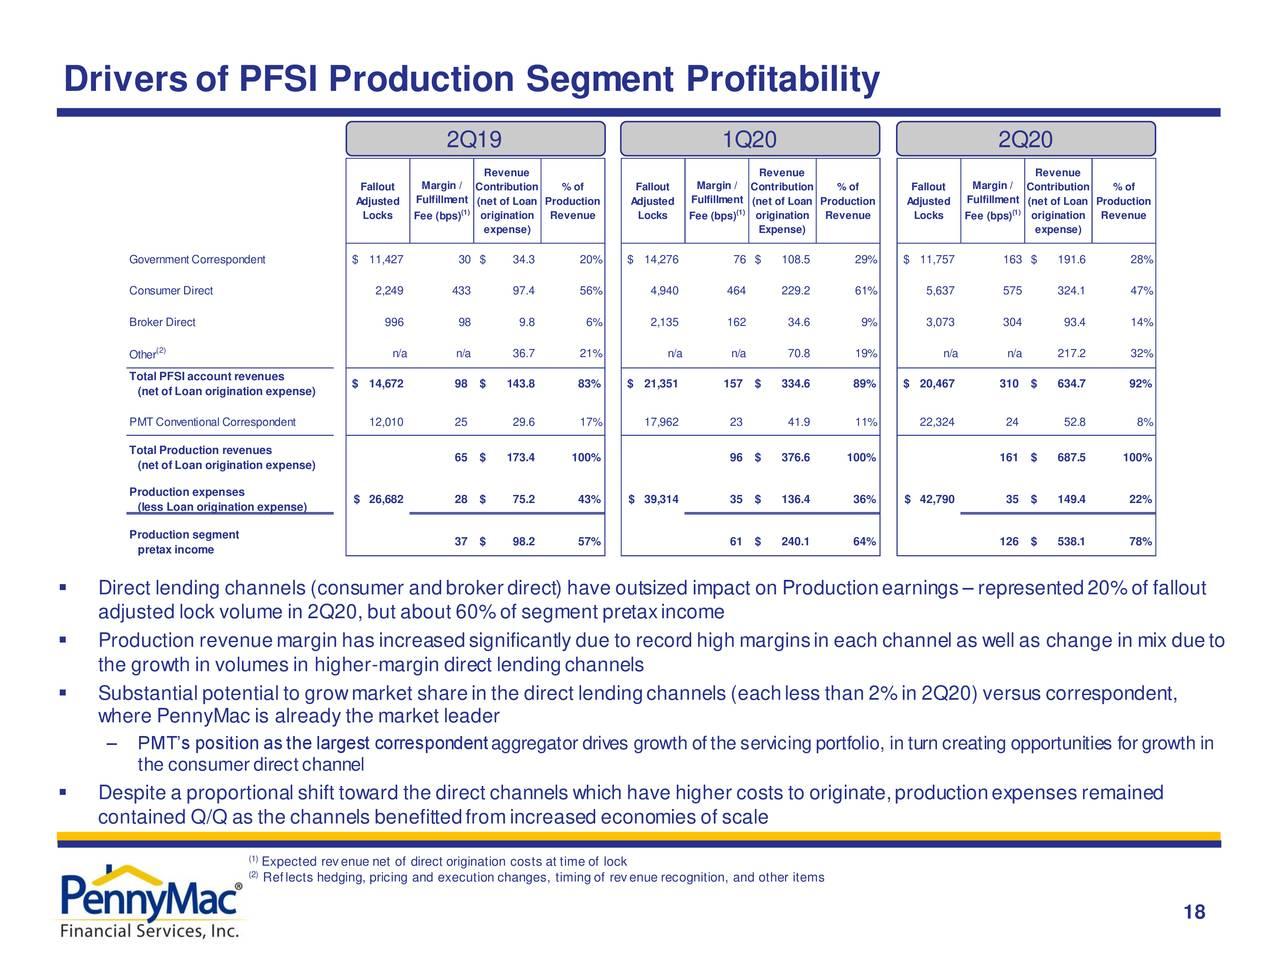 Factores impulsores de la rentabilidad del segmento de producción de PFSI